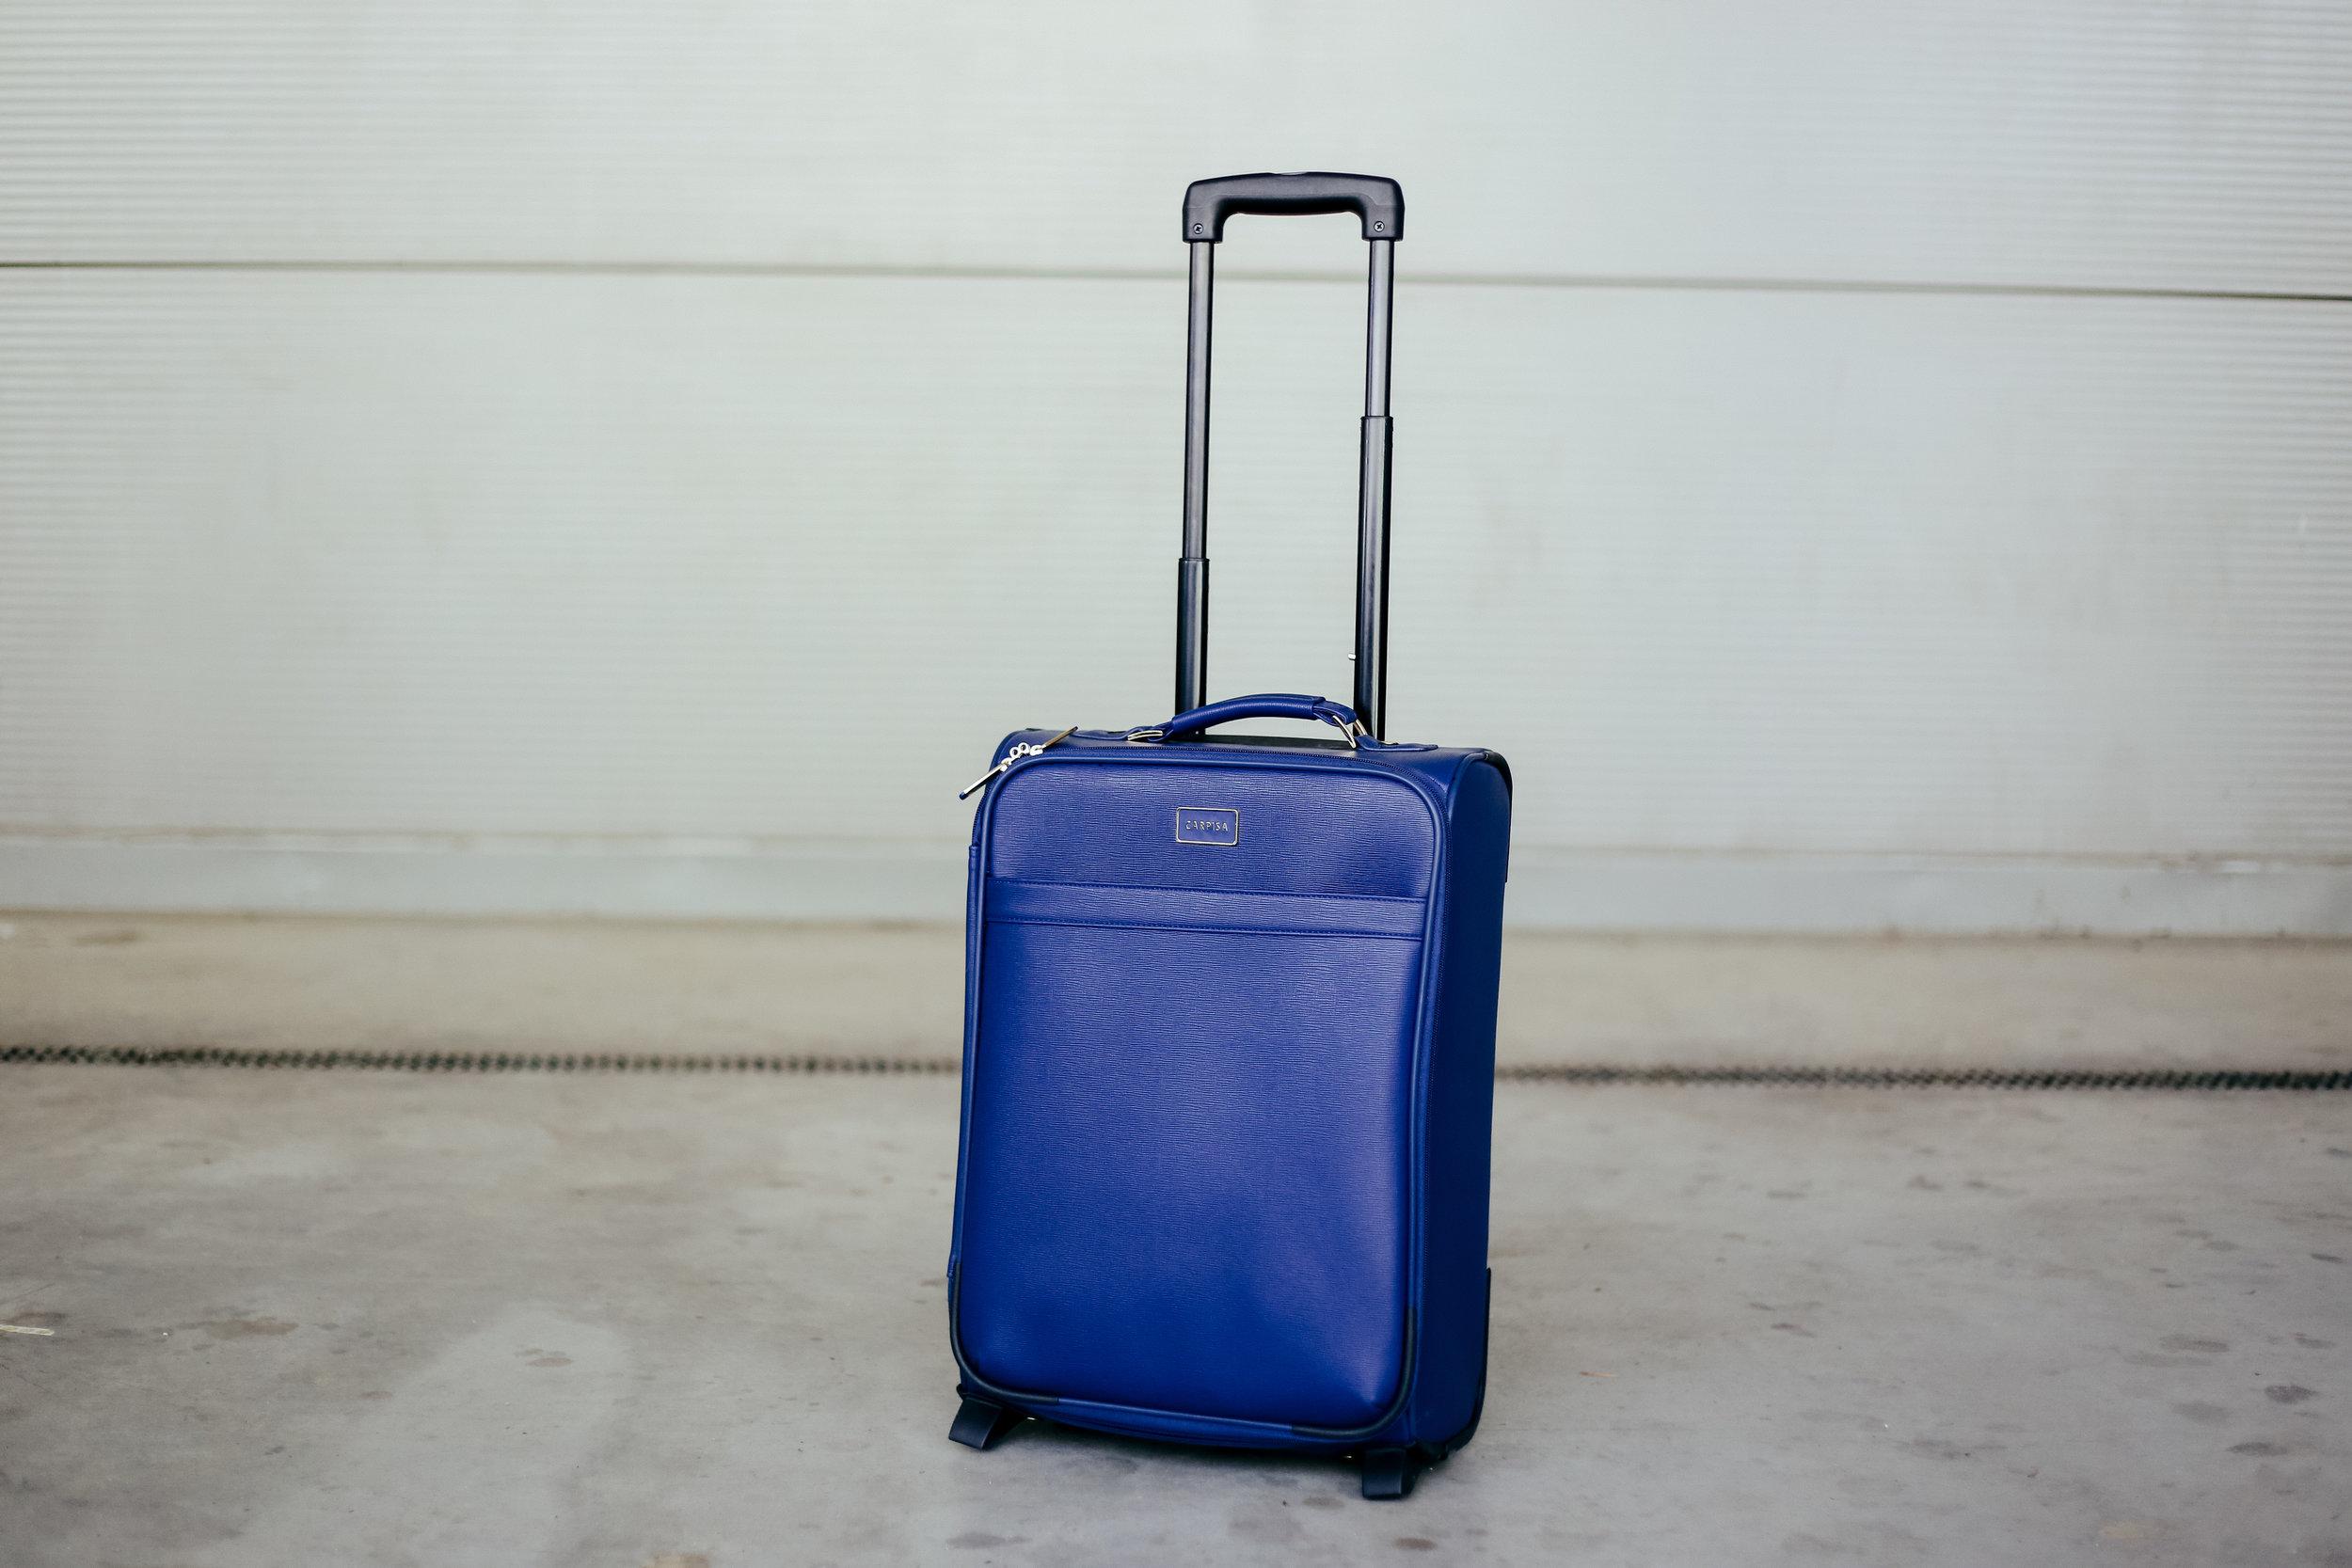 Куфер= 5190 денари